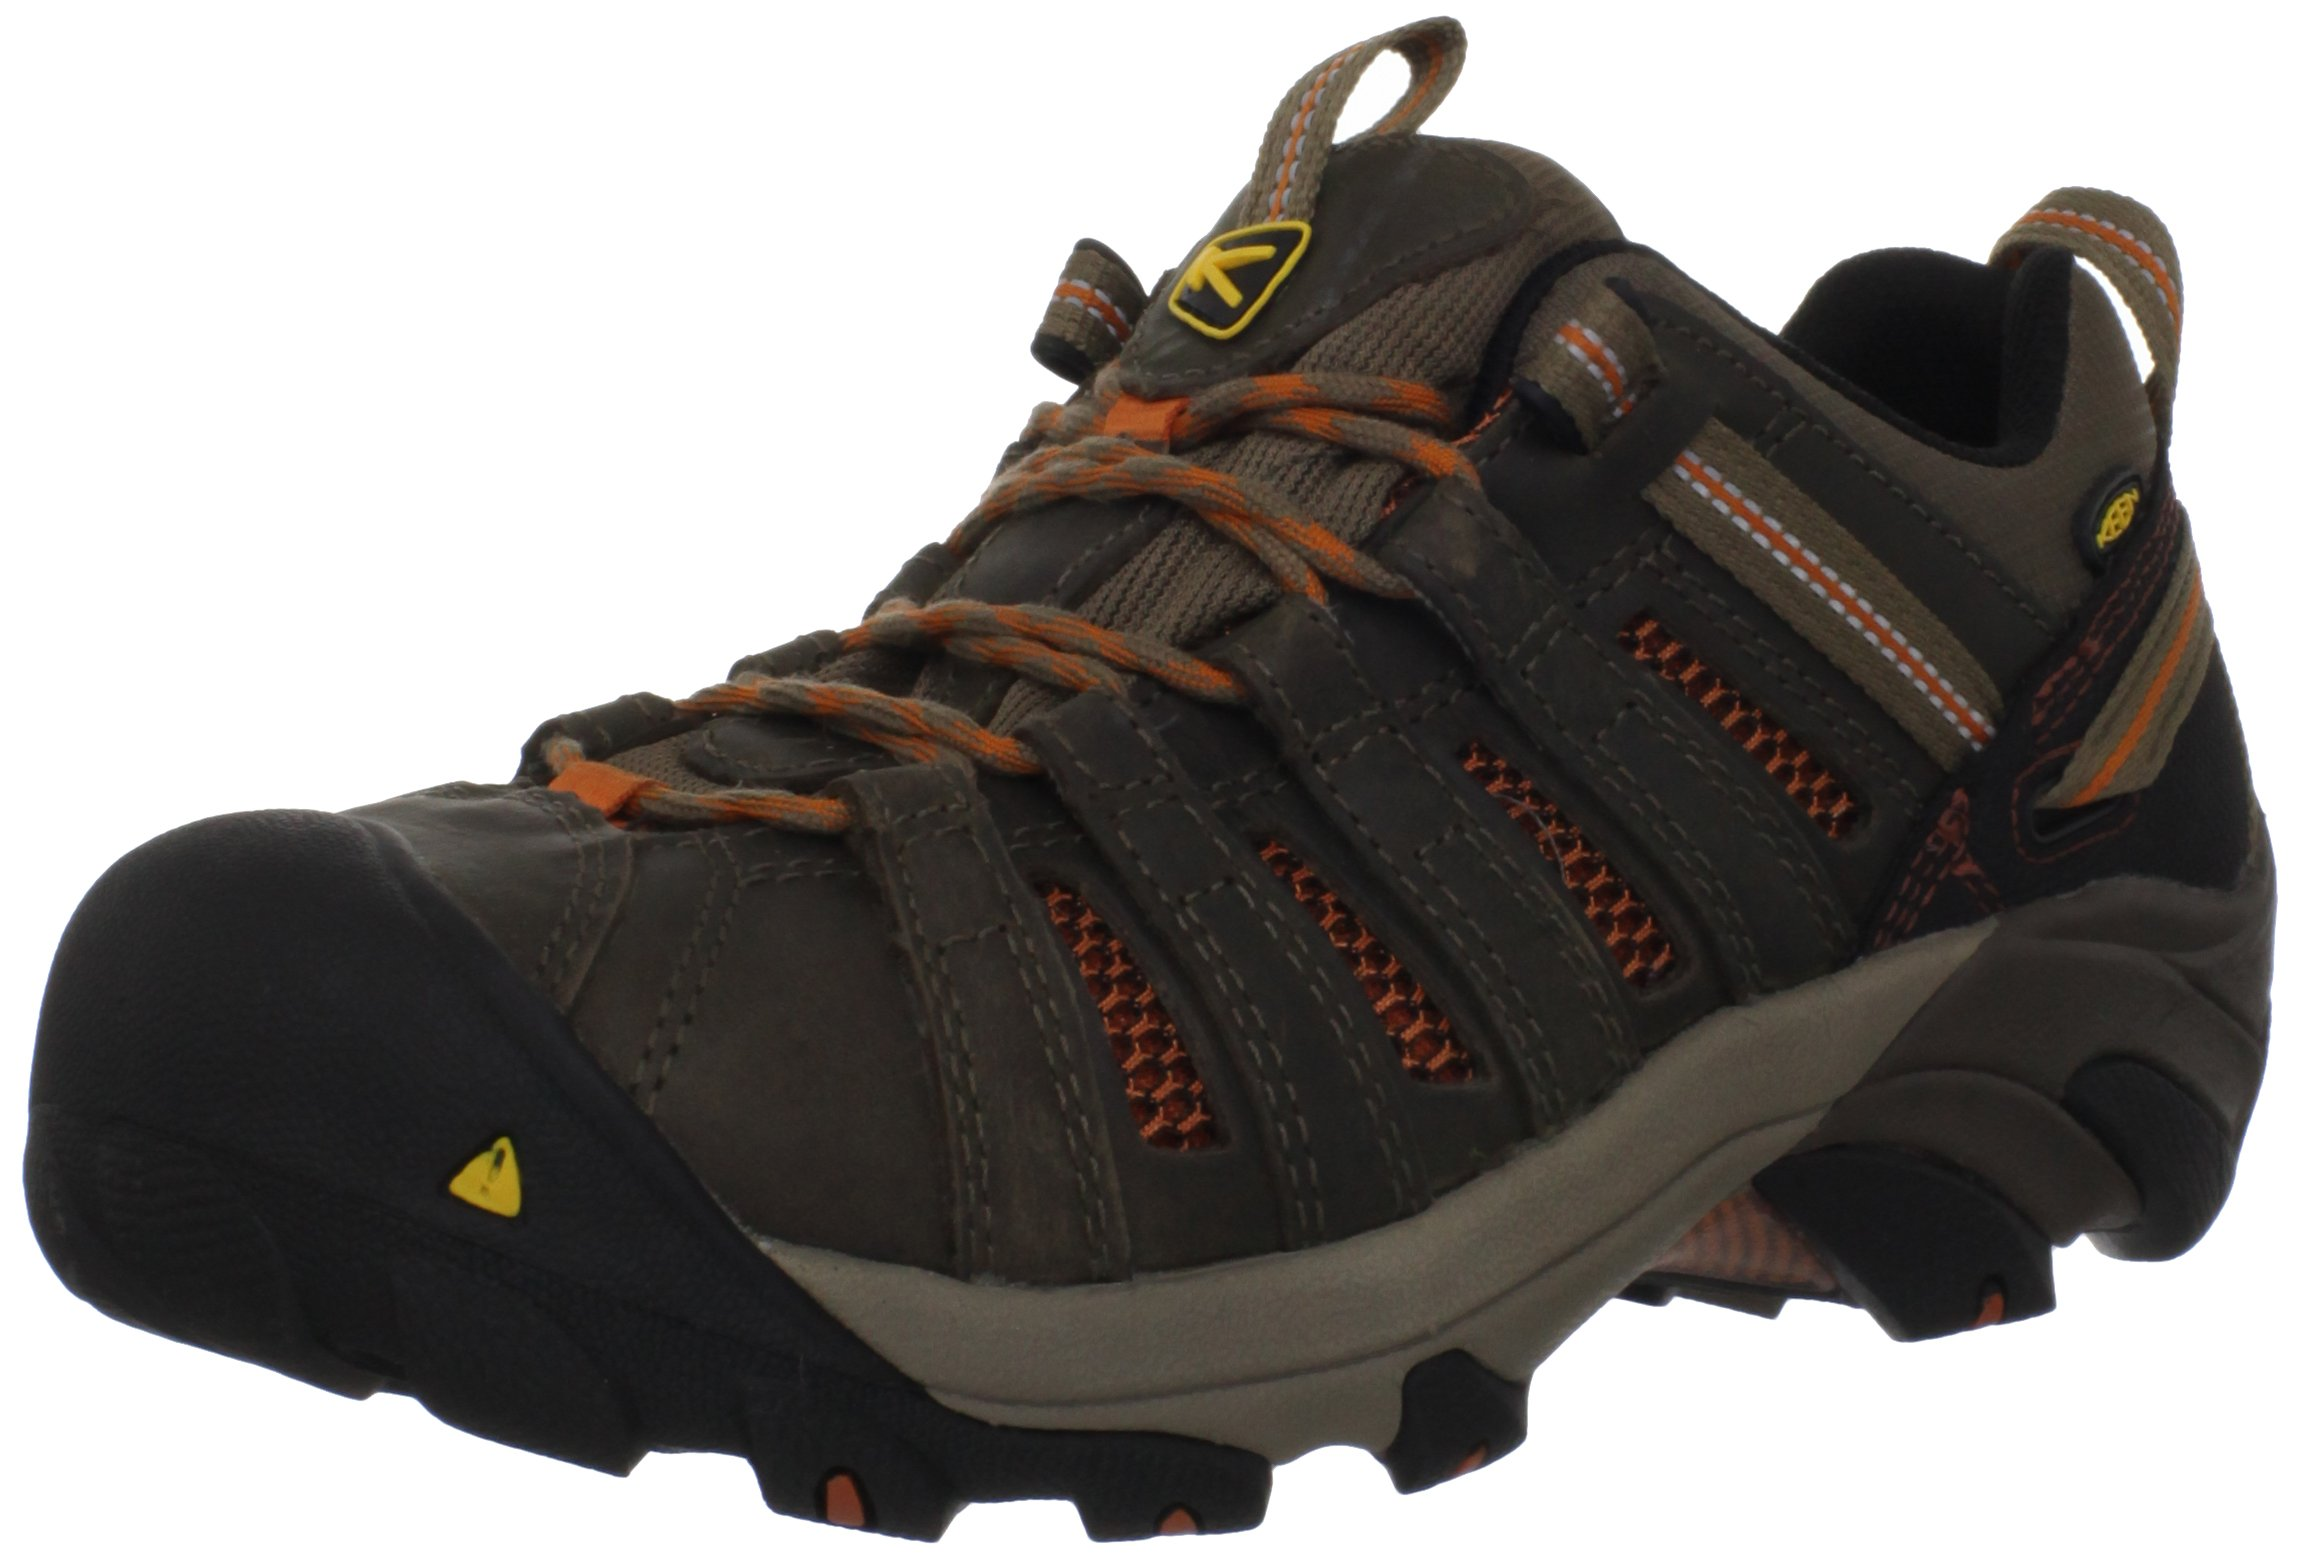 KEEN Utility Men's Flint Low Steel Toe Work Shoe, 10.5D, Shitake Brown/Rust by KEEN Utility